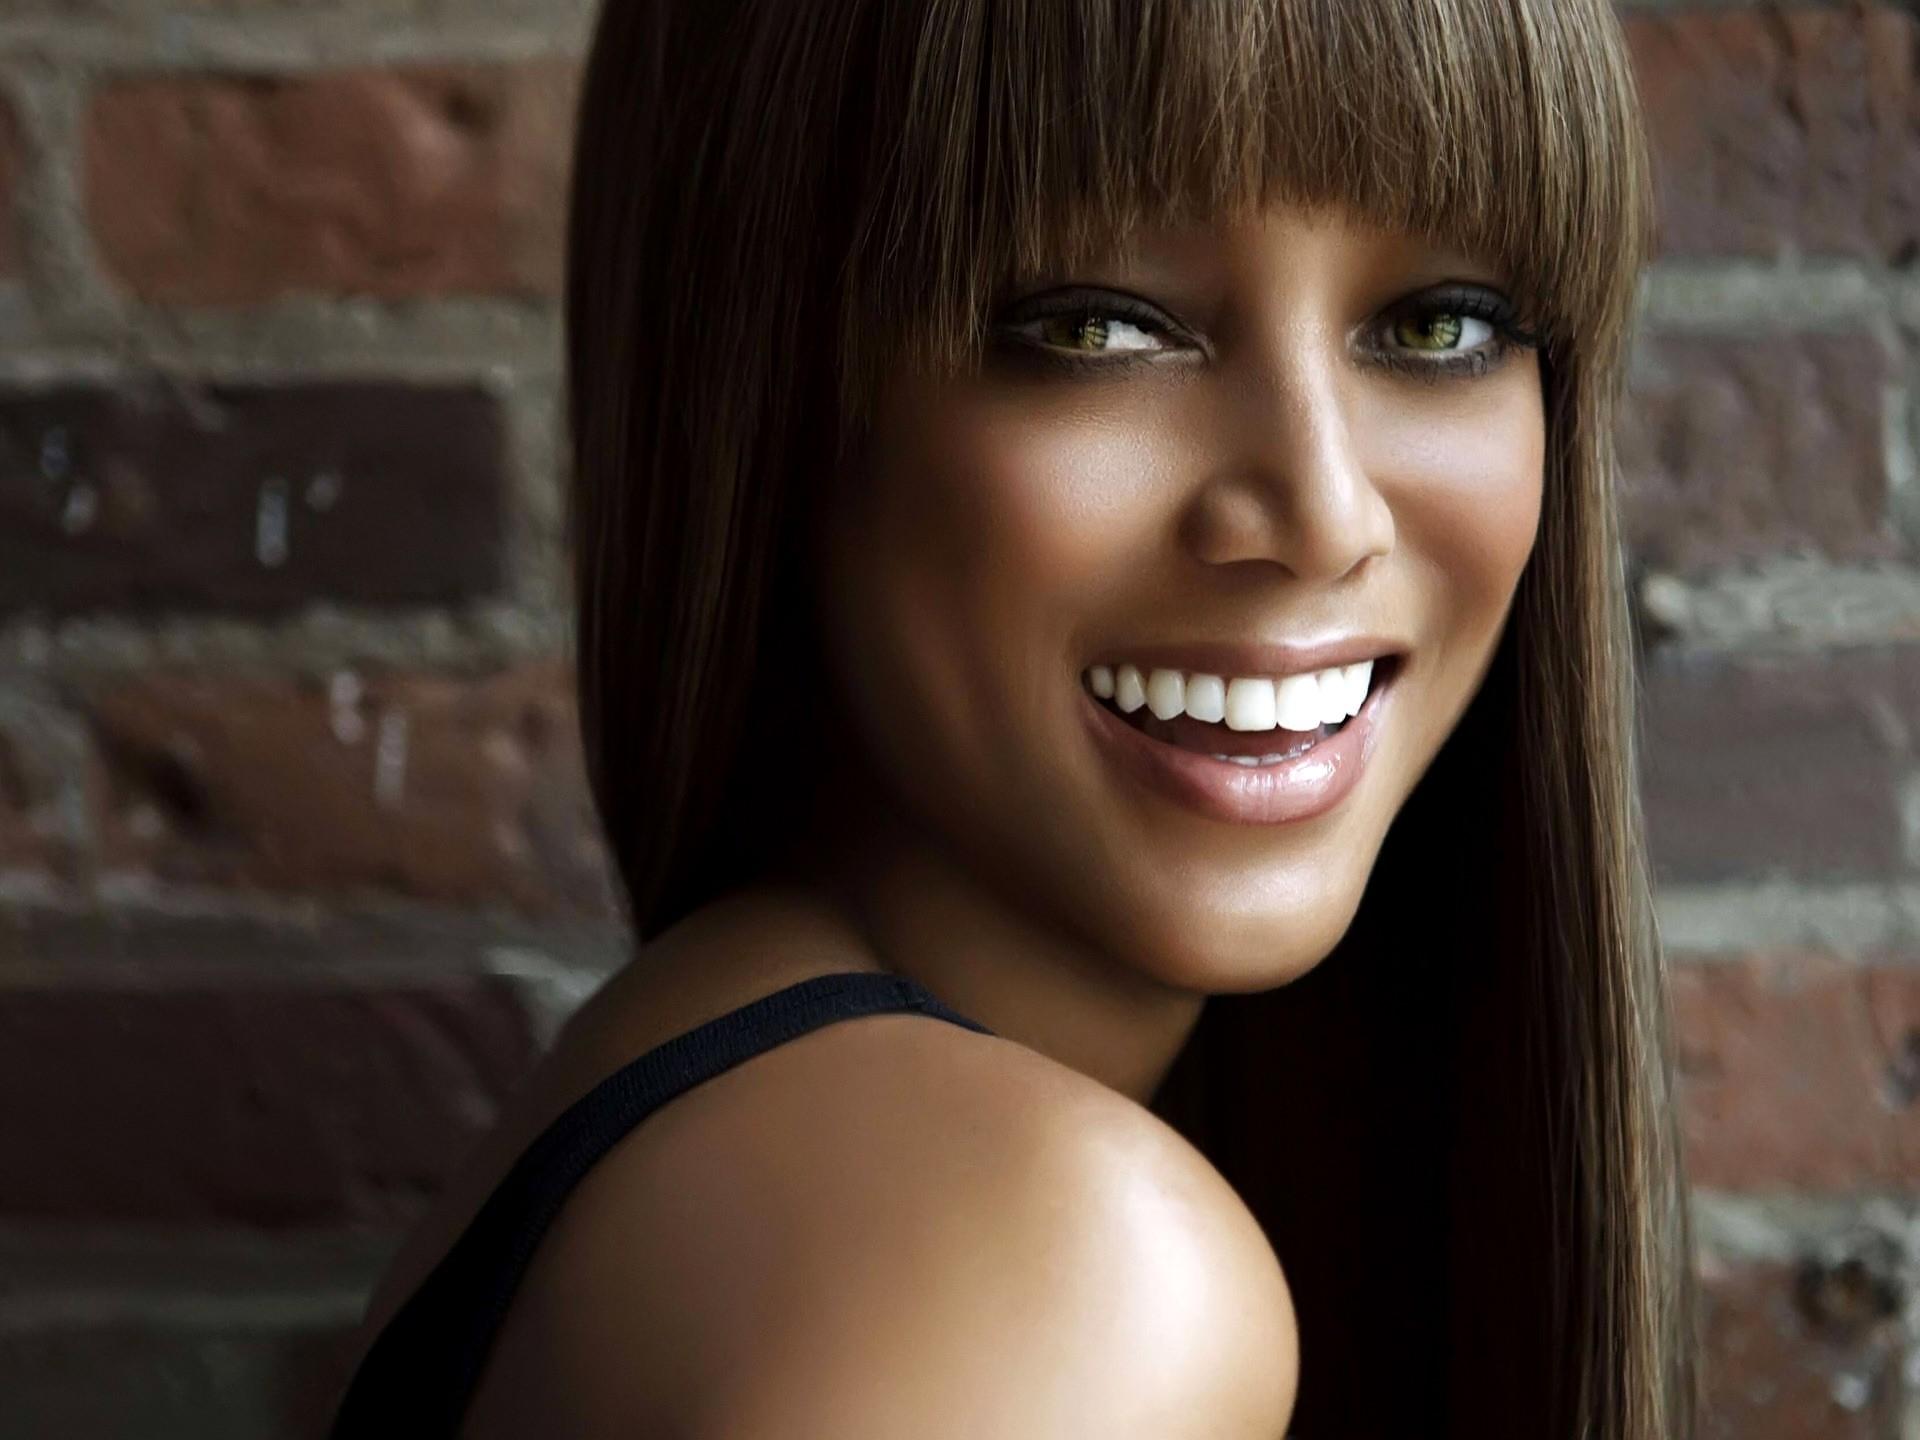 Tyra Banks Smile Wallpaper Tyra Banks Female celebrities